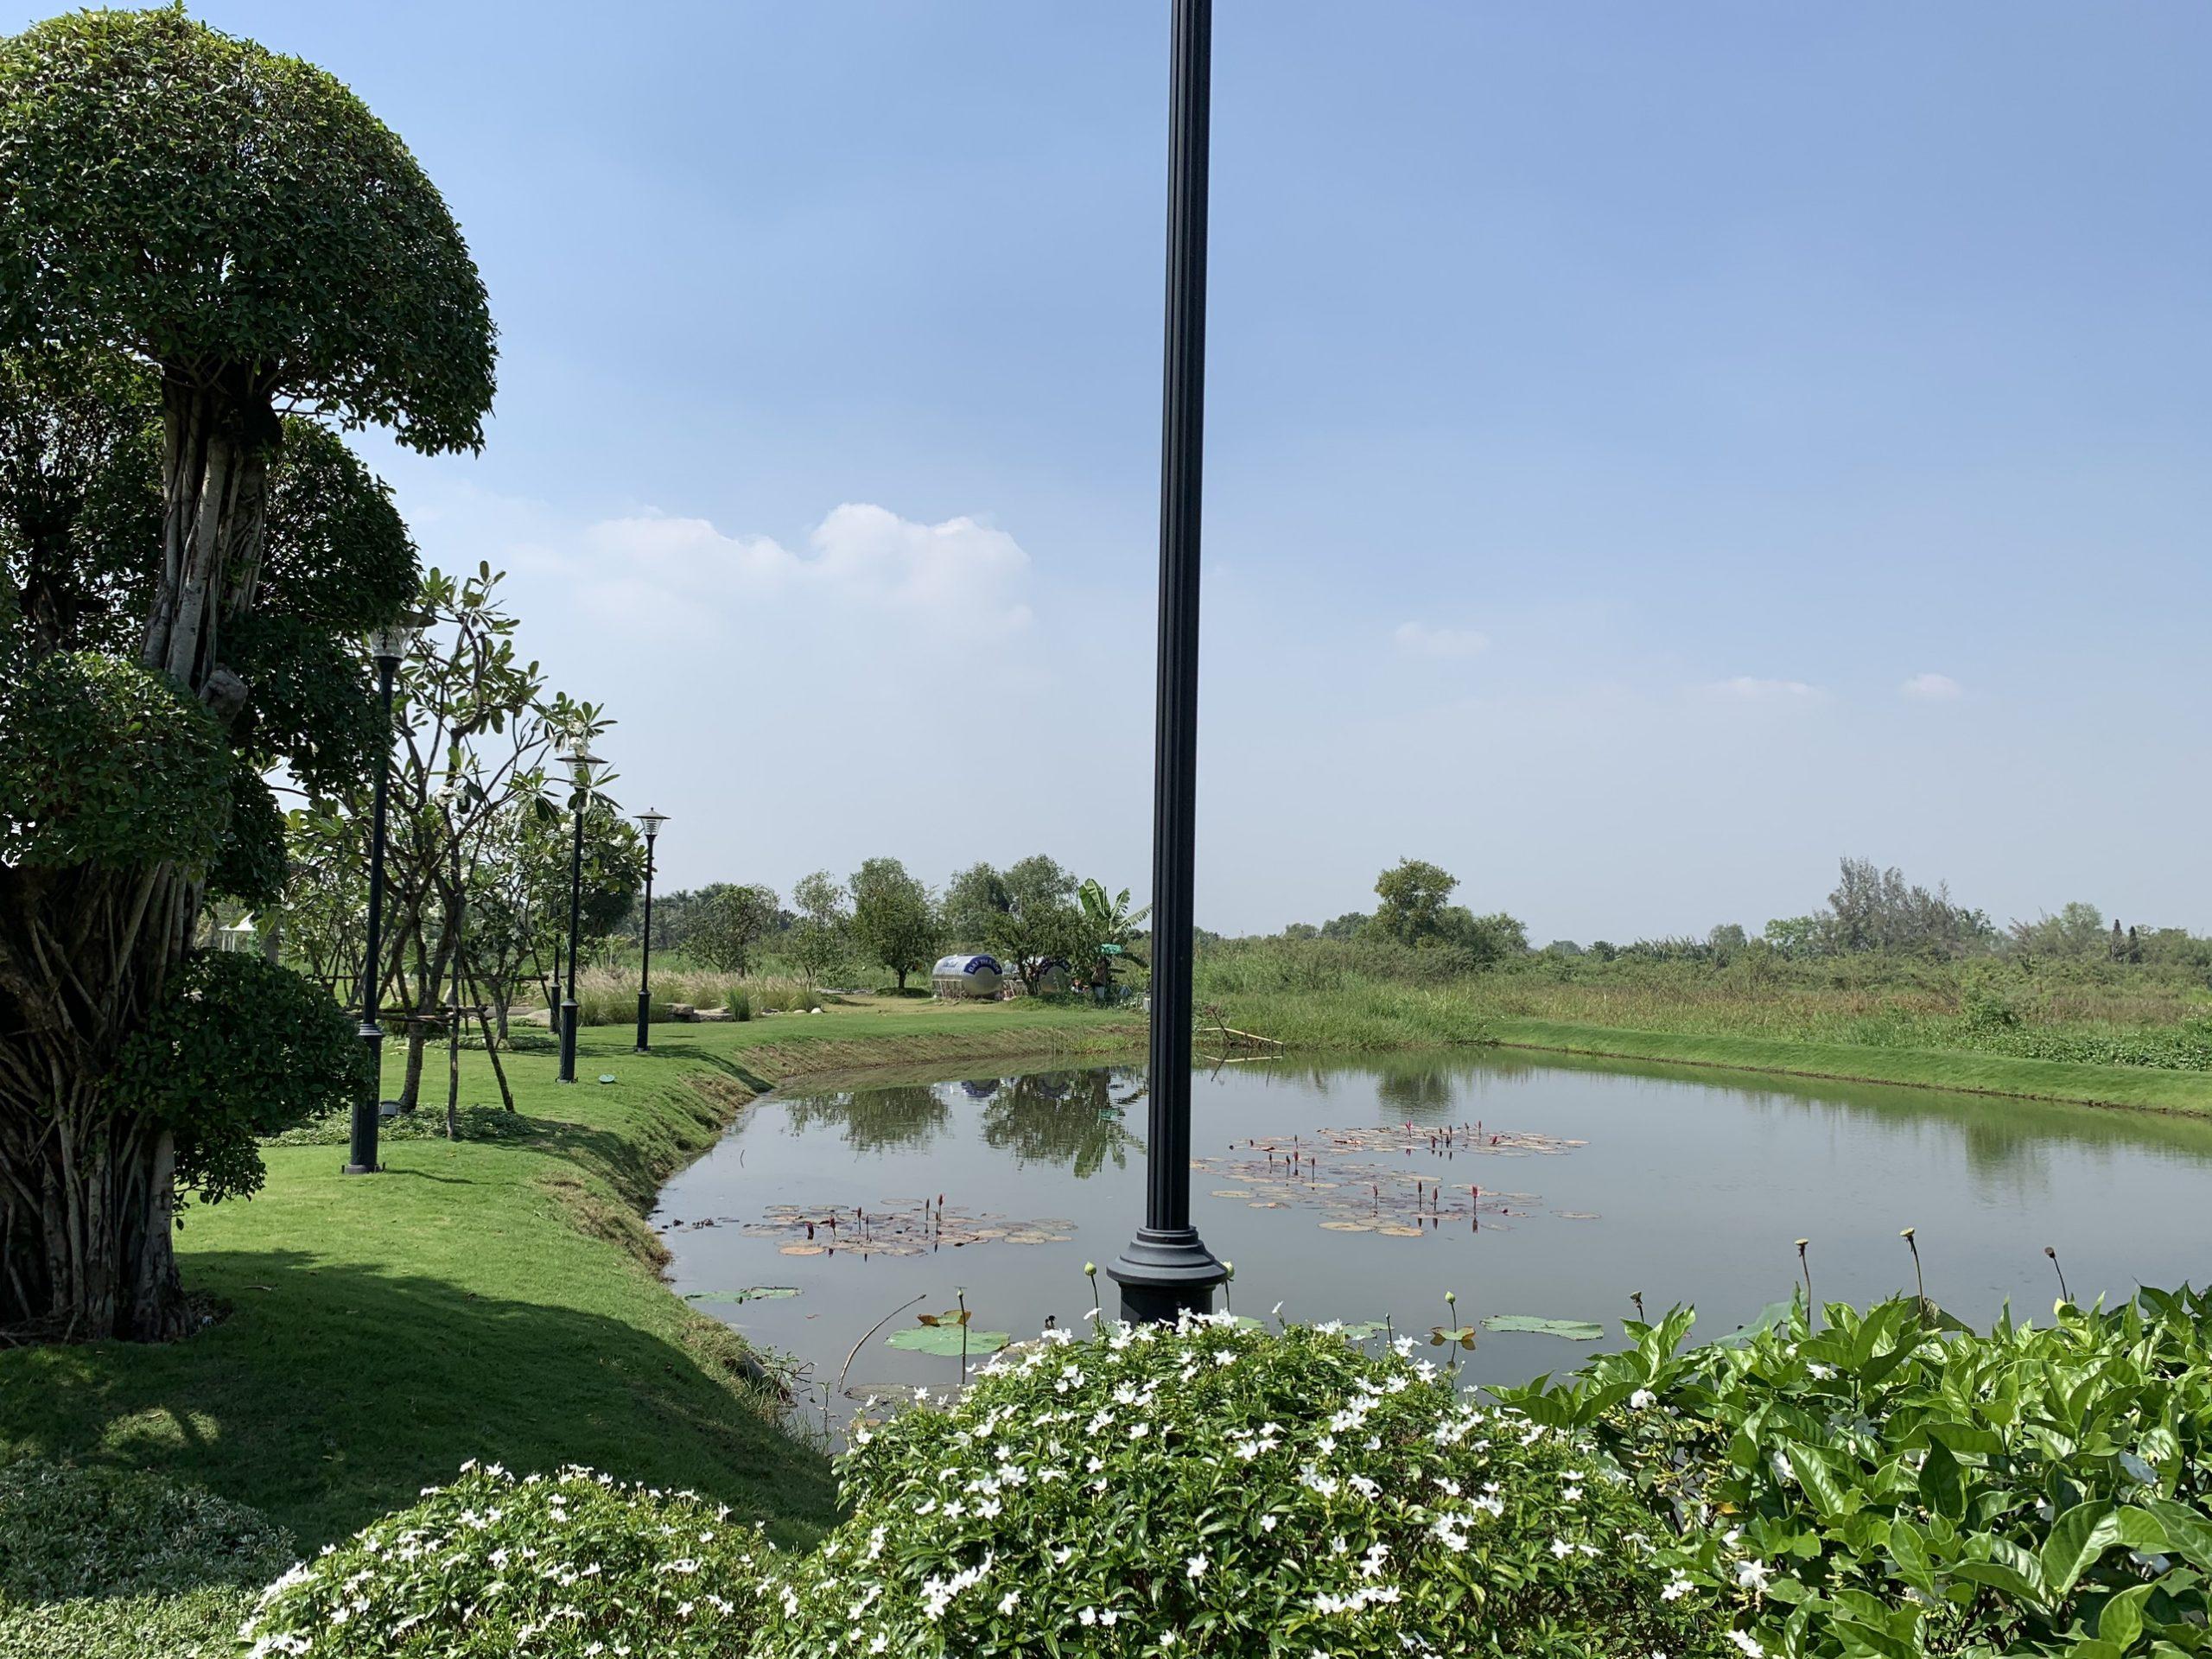 Bán đất vườn - trồng cây lâu năm - đất thổ cư - nhà vườn - biệt thự - đất nền - đất sông - đất sào - đất dự án - Long Phước